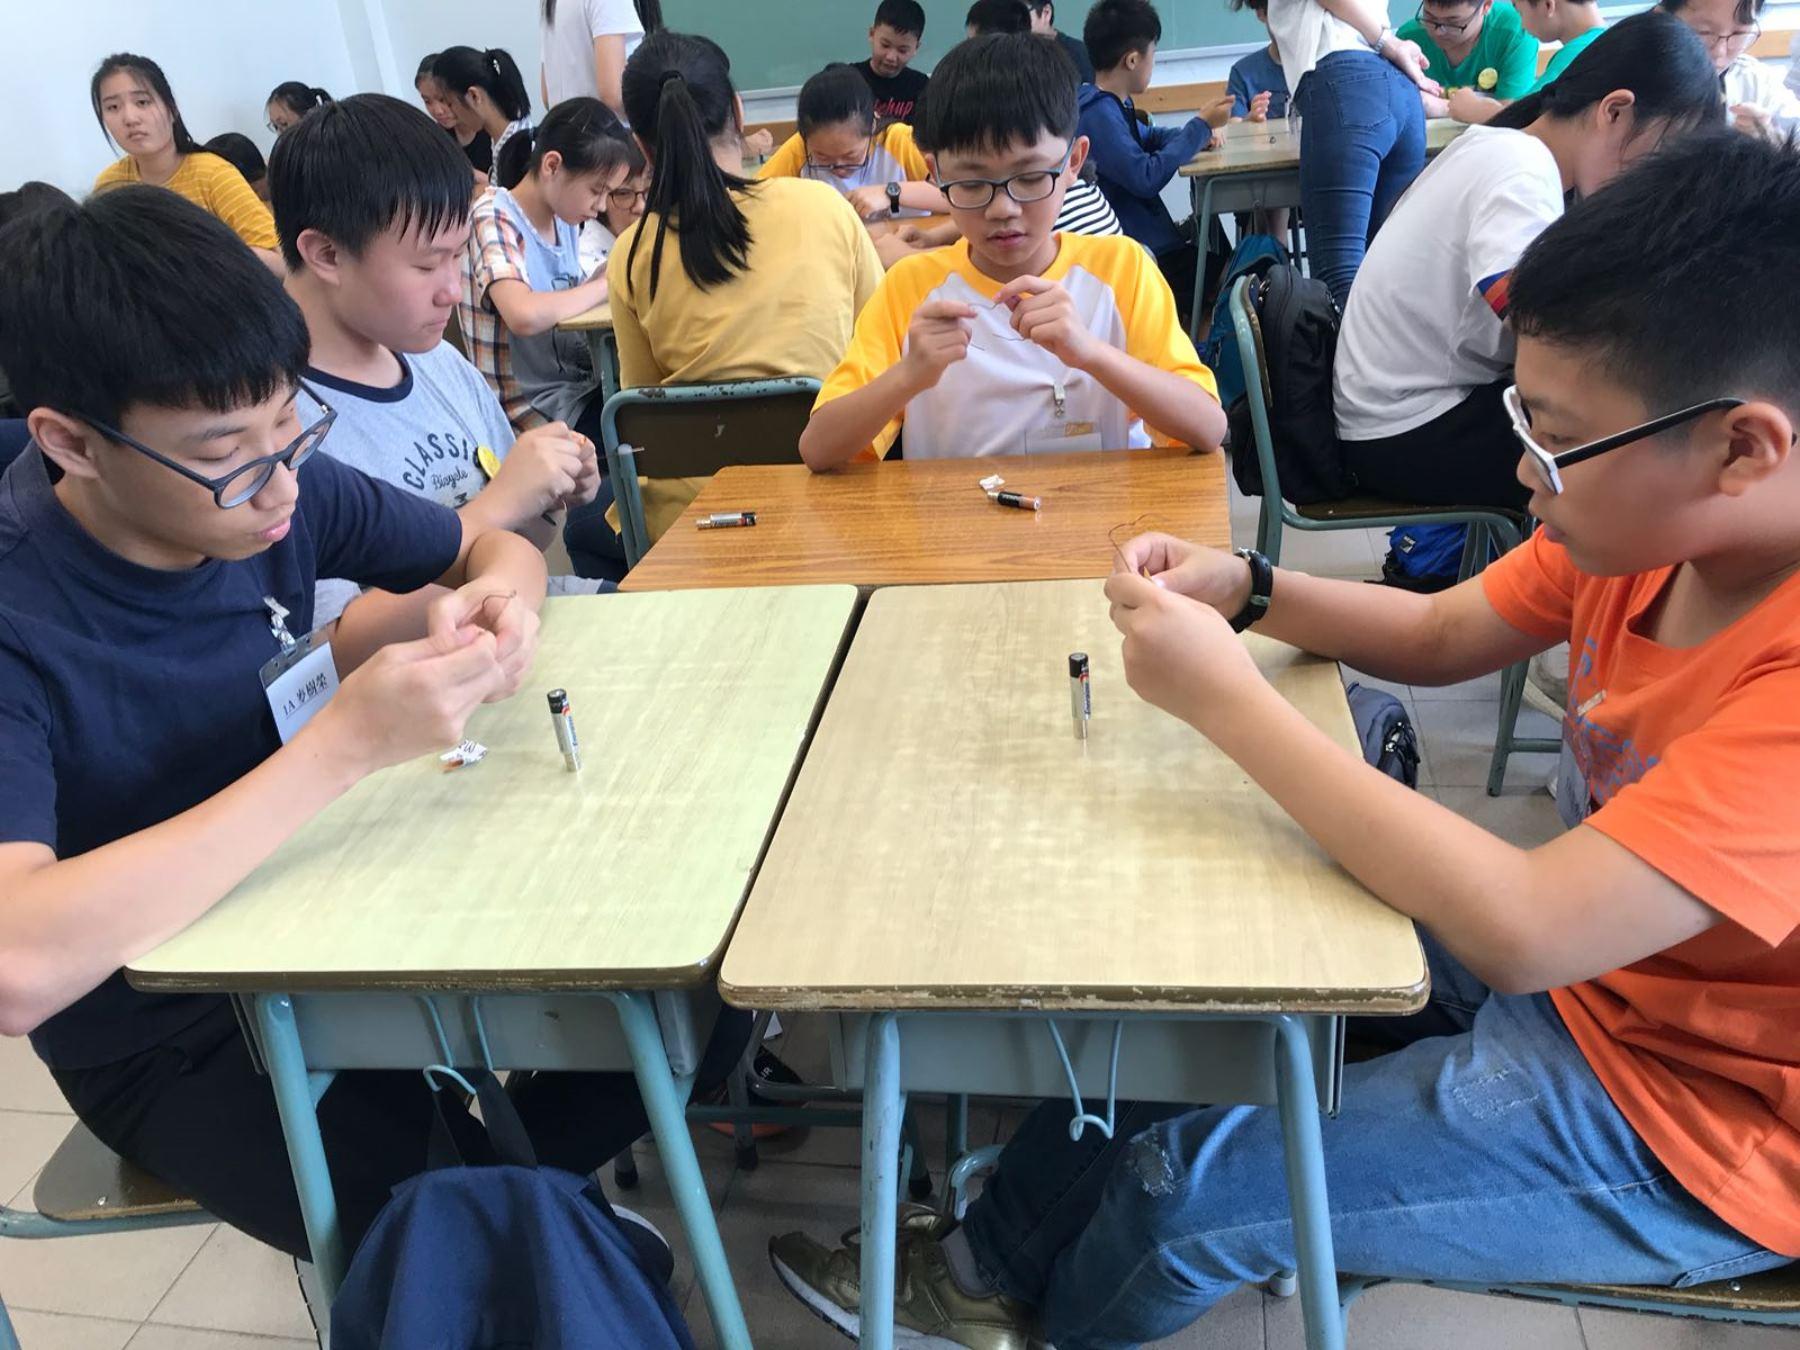 https://www.npc.edu.hk/sites/default/files/1a_qu_wei_xiao_shi_yan_04.jpg